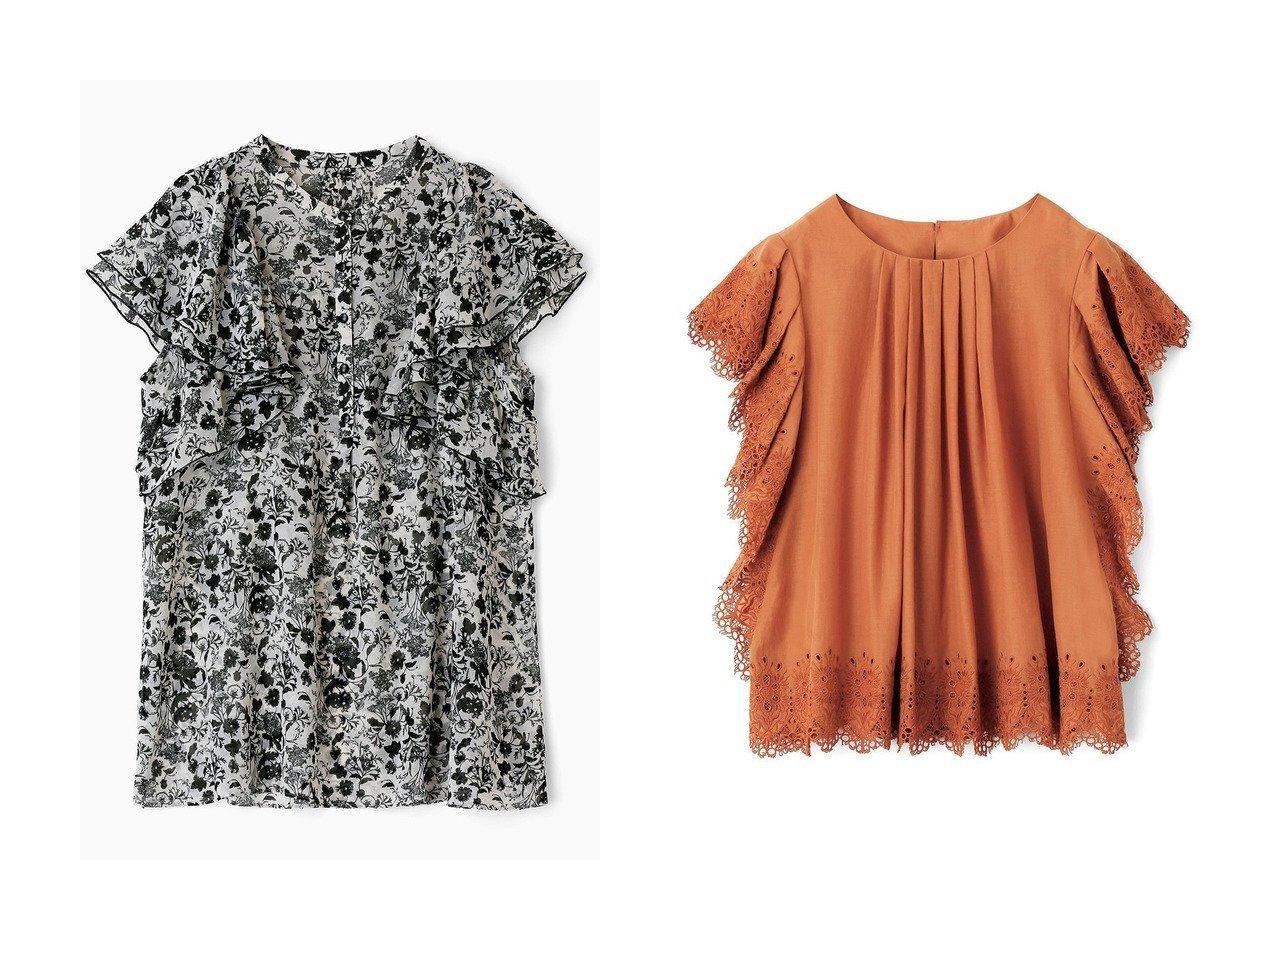 【ANAYI/アナイ】のフラワーエンブロイダリーブラウス&モノトーンフラワープリントラッフル ブラウス 【トップス・カットソー】おすすめ!人気、トレンド・レディースファッションの通販  おすすめで人気の流行・トレンド、ファッションの通販商品 インテリア・家具・メンズファッション・キッズファッション・レディースファッション・服の通販 founy(ファニー) https://founy.com/ ファッション Fashion レディースファッション WOMEN トップス・カットソー Tops/Tshirt キャミソール / ノースリーブ No Sleeves シャツ/ブラウス Shirts/Blouses 花柄・フラワープリント・モチーフ Flower Patterns スカラップ ノースリーブ フロント シフォン ショート スリーブ セットアップ フェミニン フラワー モノトーン ラッフル  ID:crp329100000049290